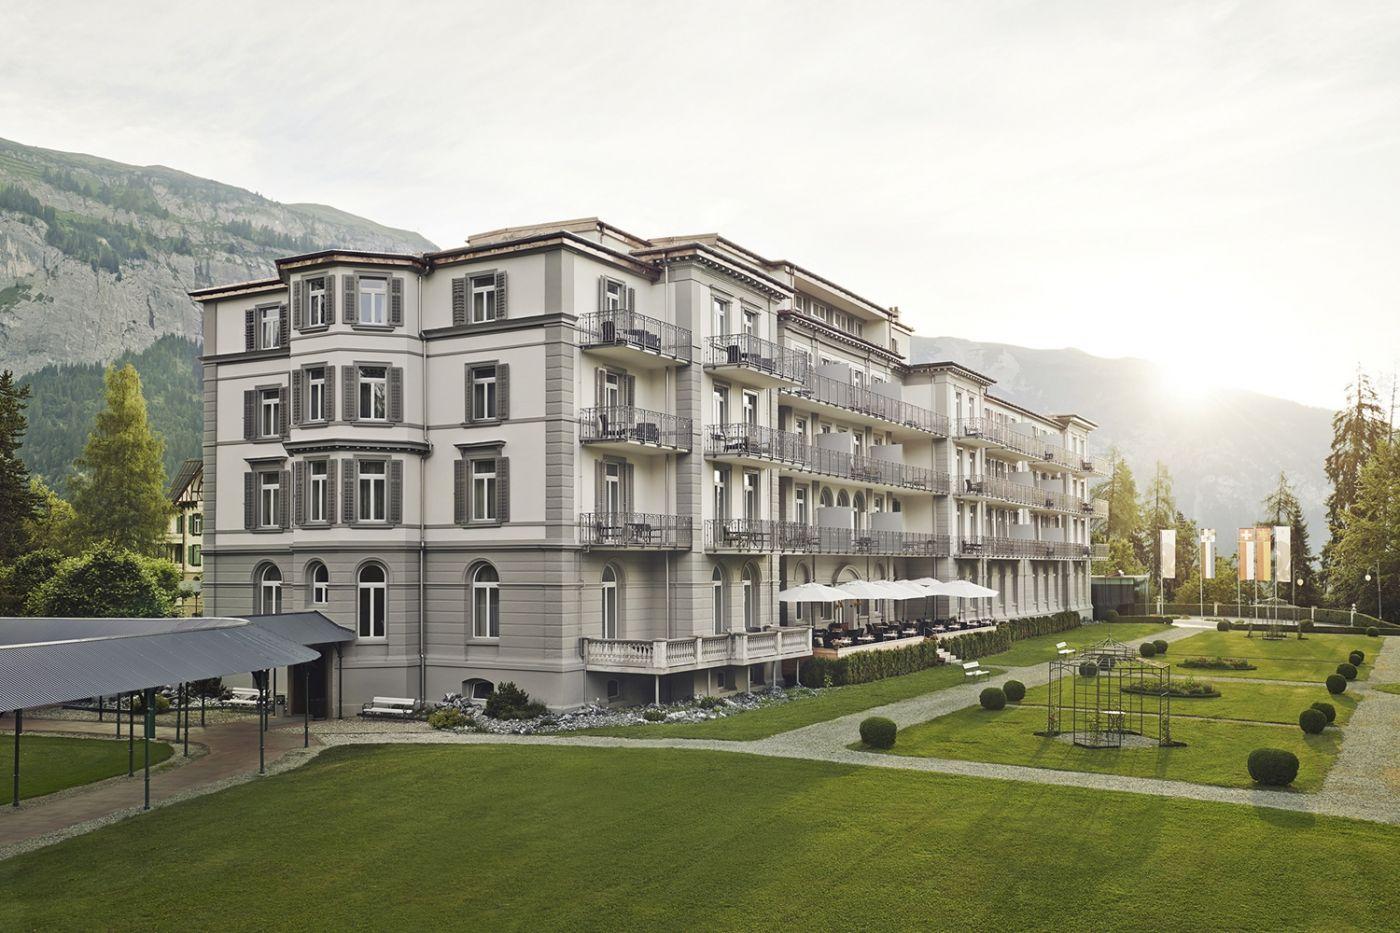 Waldhaus Flims Hotel & Spa